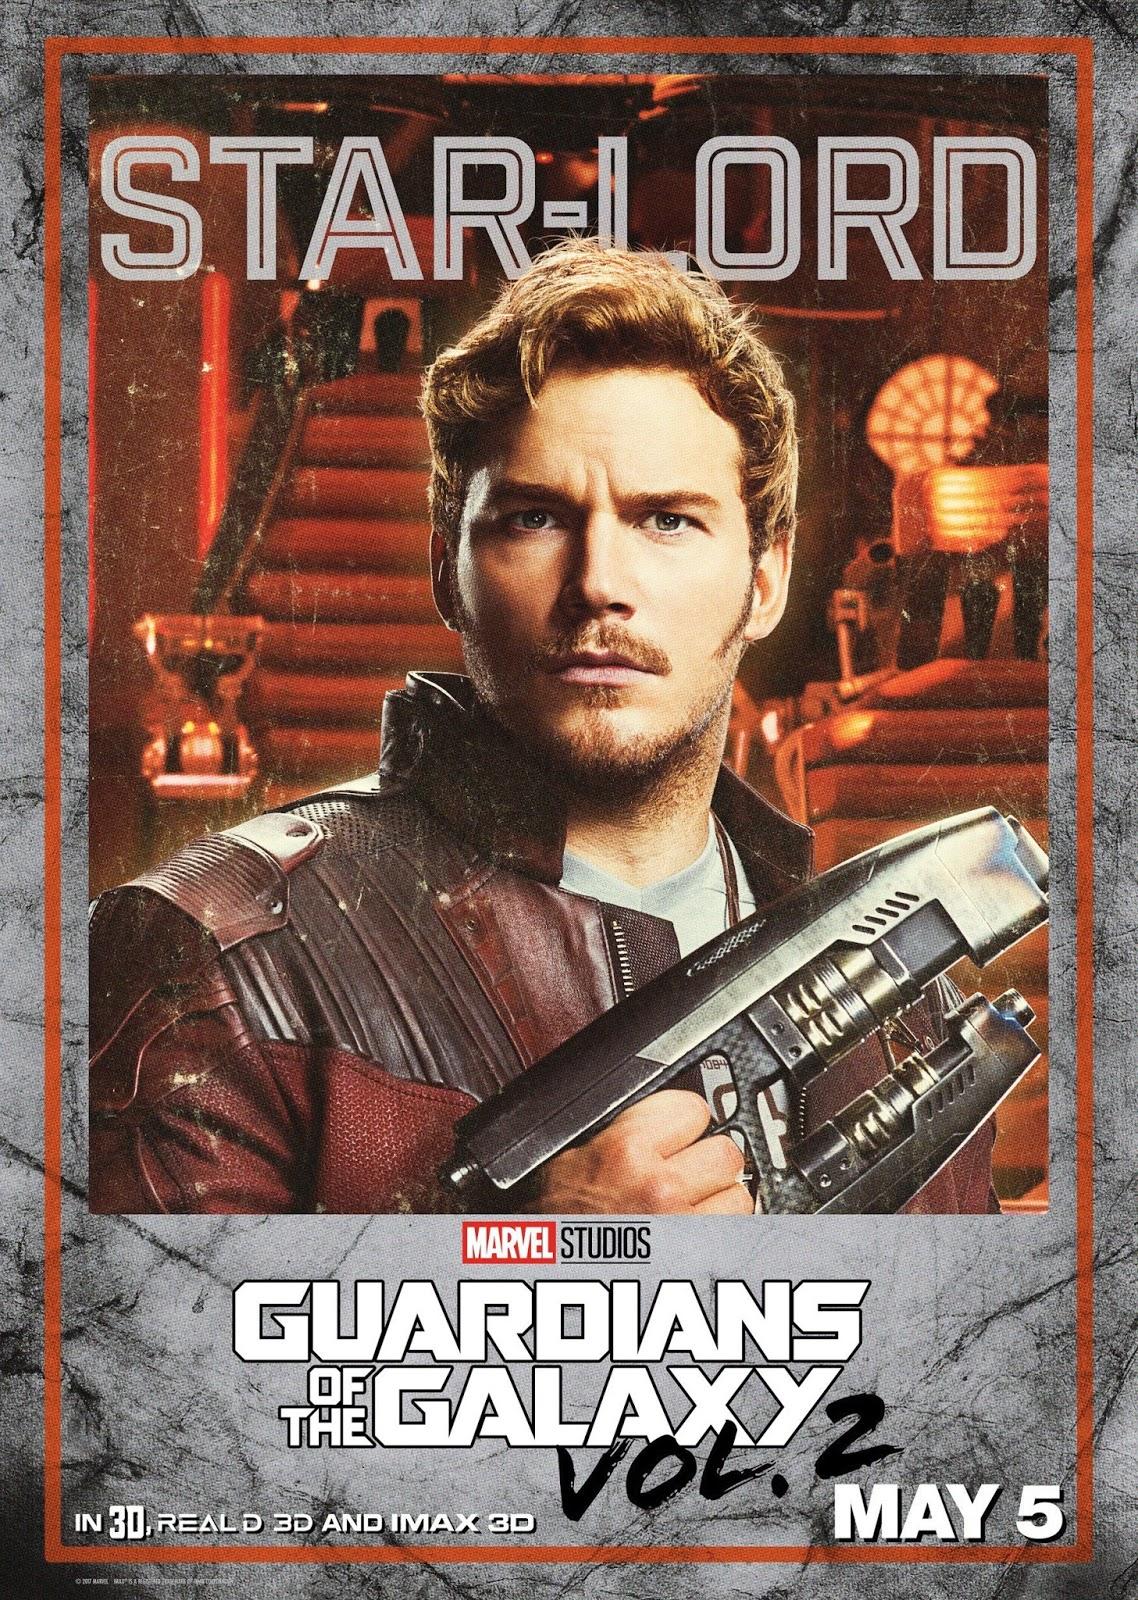 Стражи Галактики Часть 2, Guardians of the Galaxy Vol 2, Звёздный Лорд, Старлорд, Star-Lord